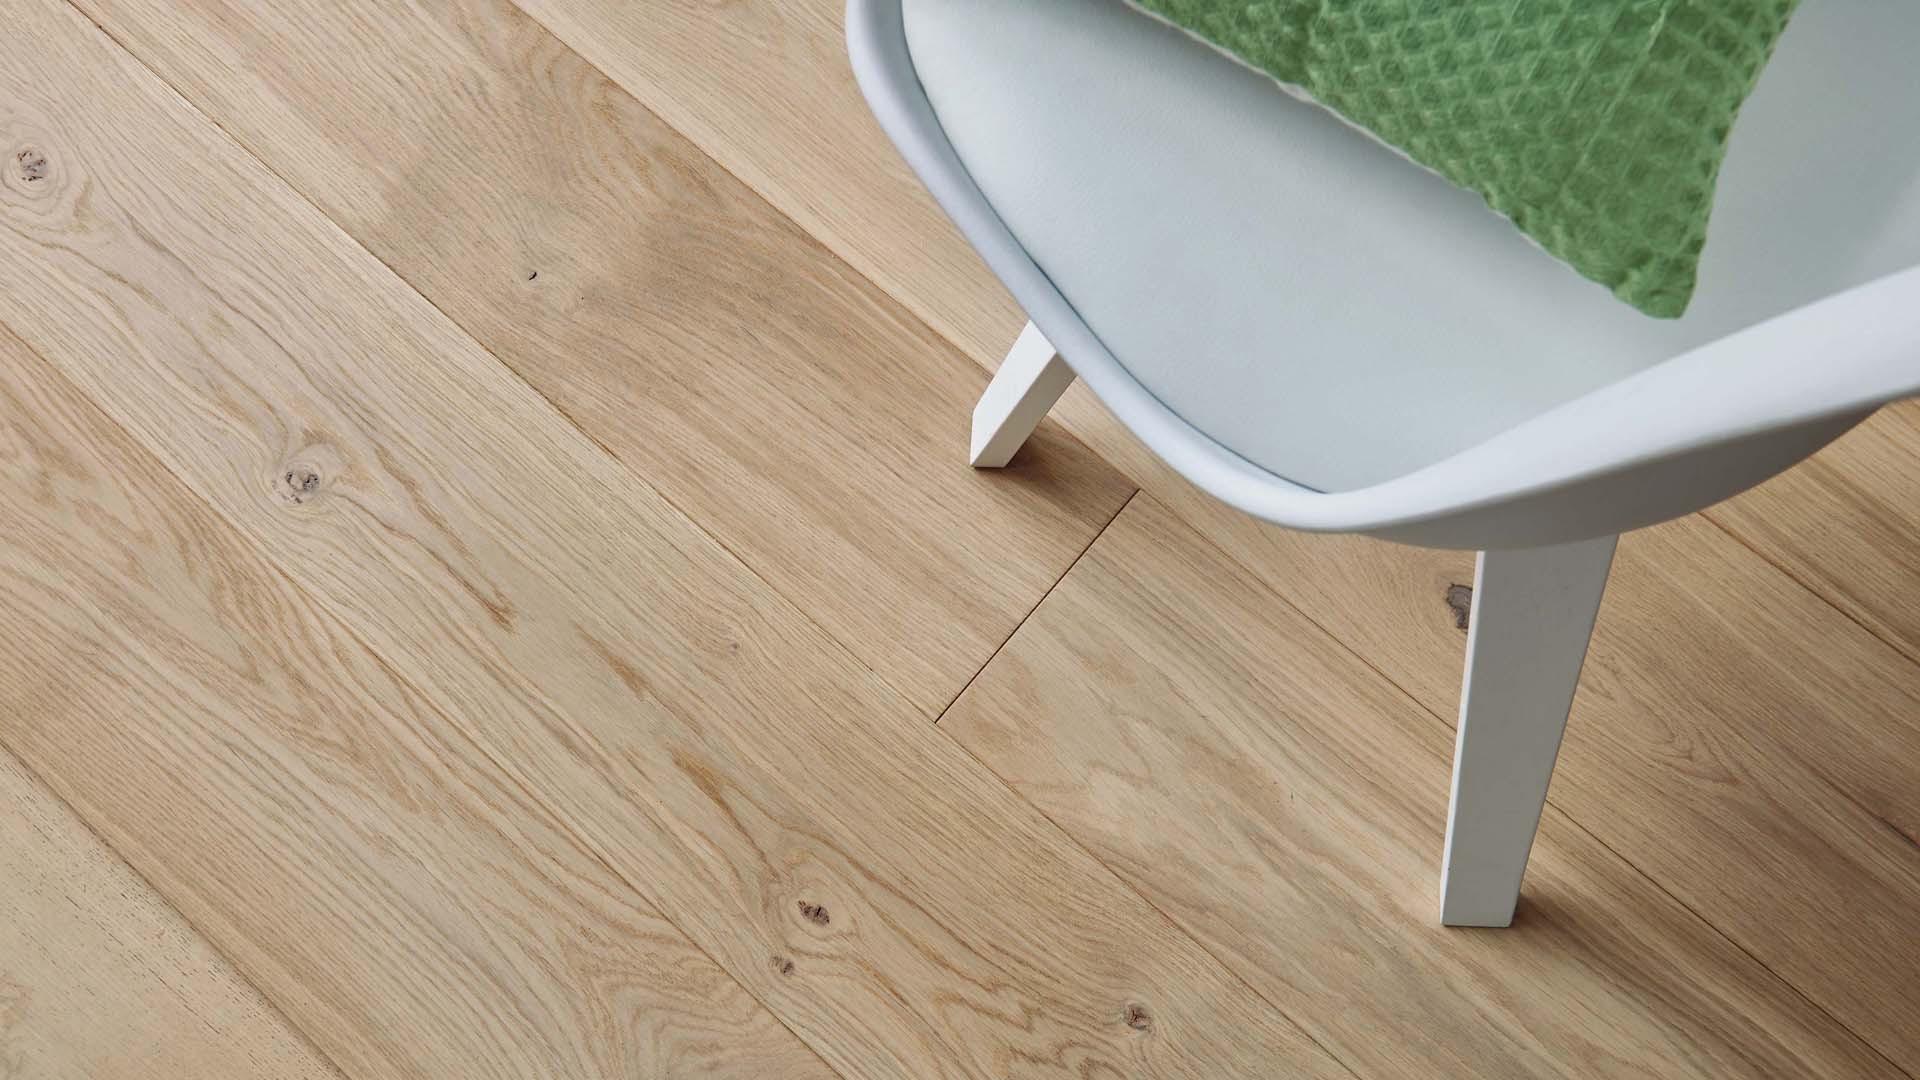 Floor French oak Zenitude Bois flotté Diva 184 - Engineered wood floor